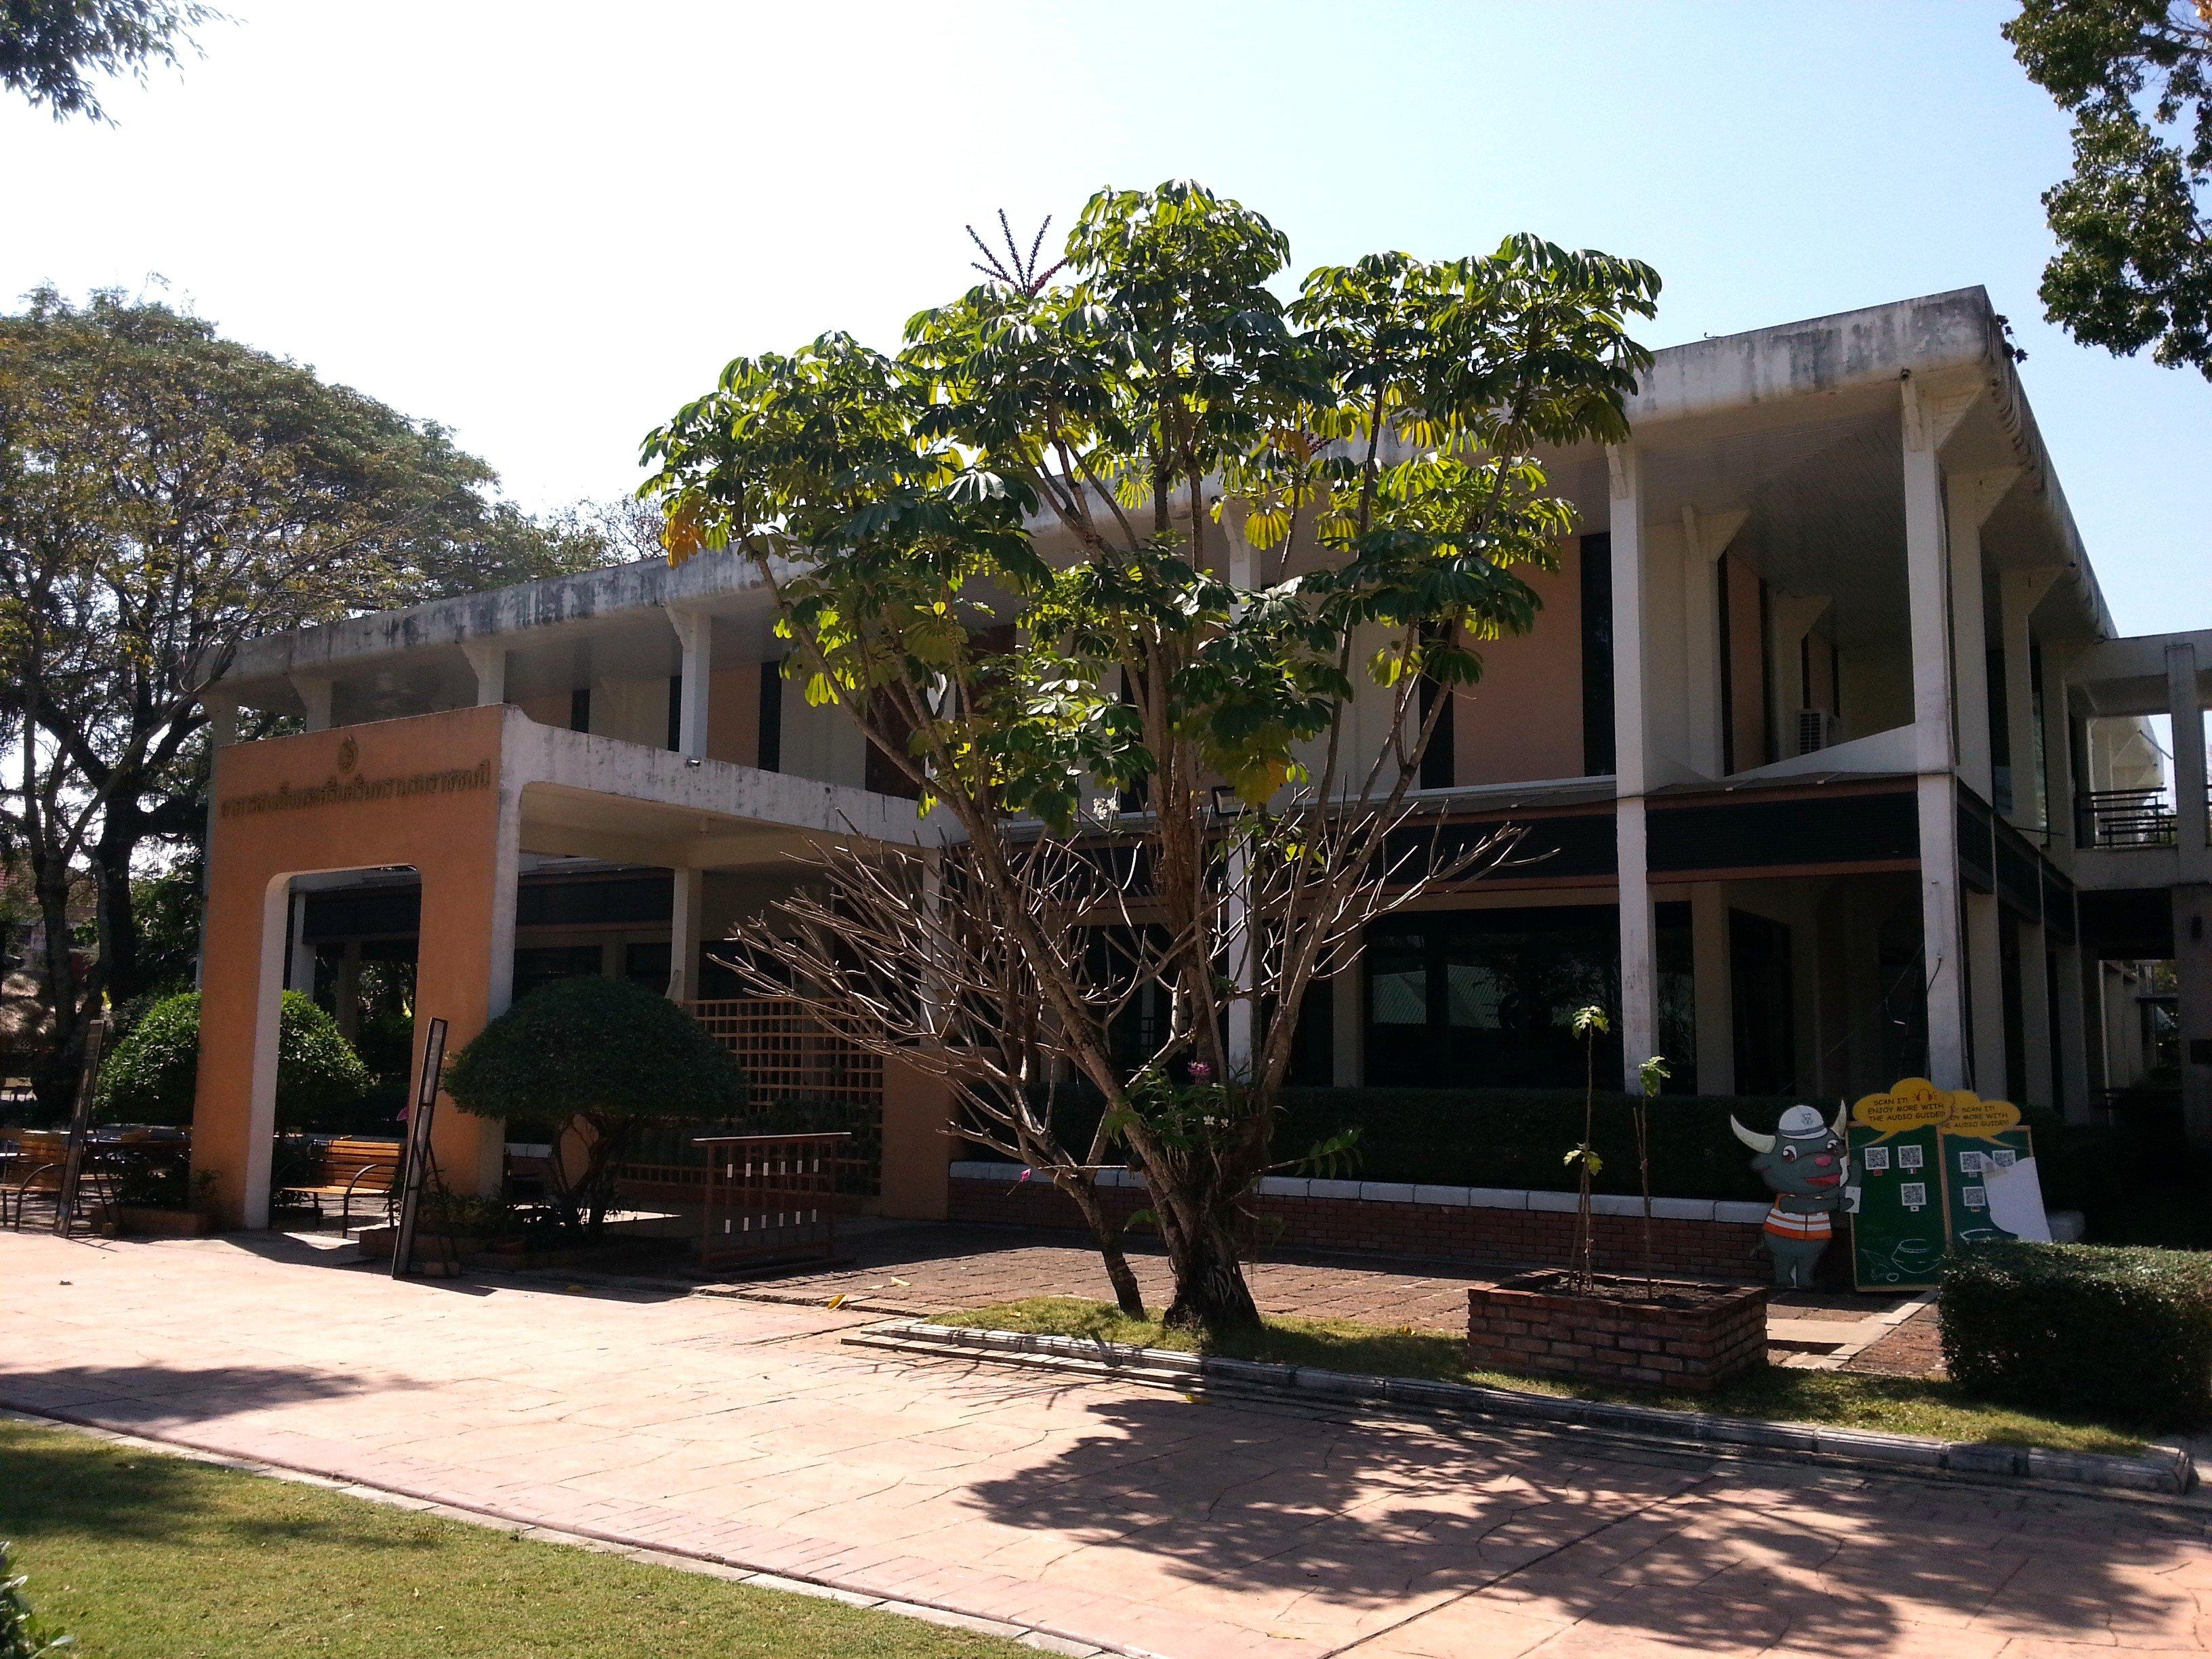 Main building at Ban Chiang Museum